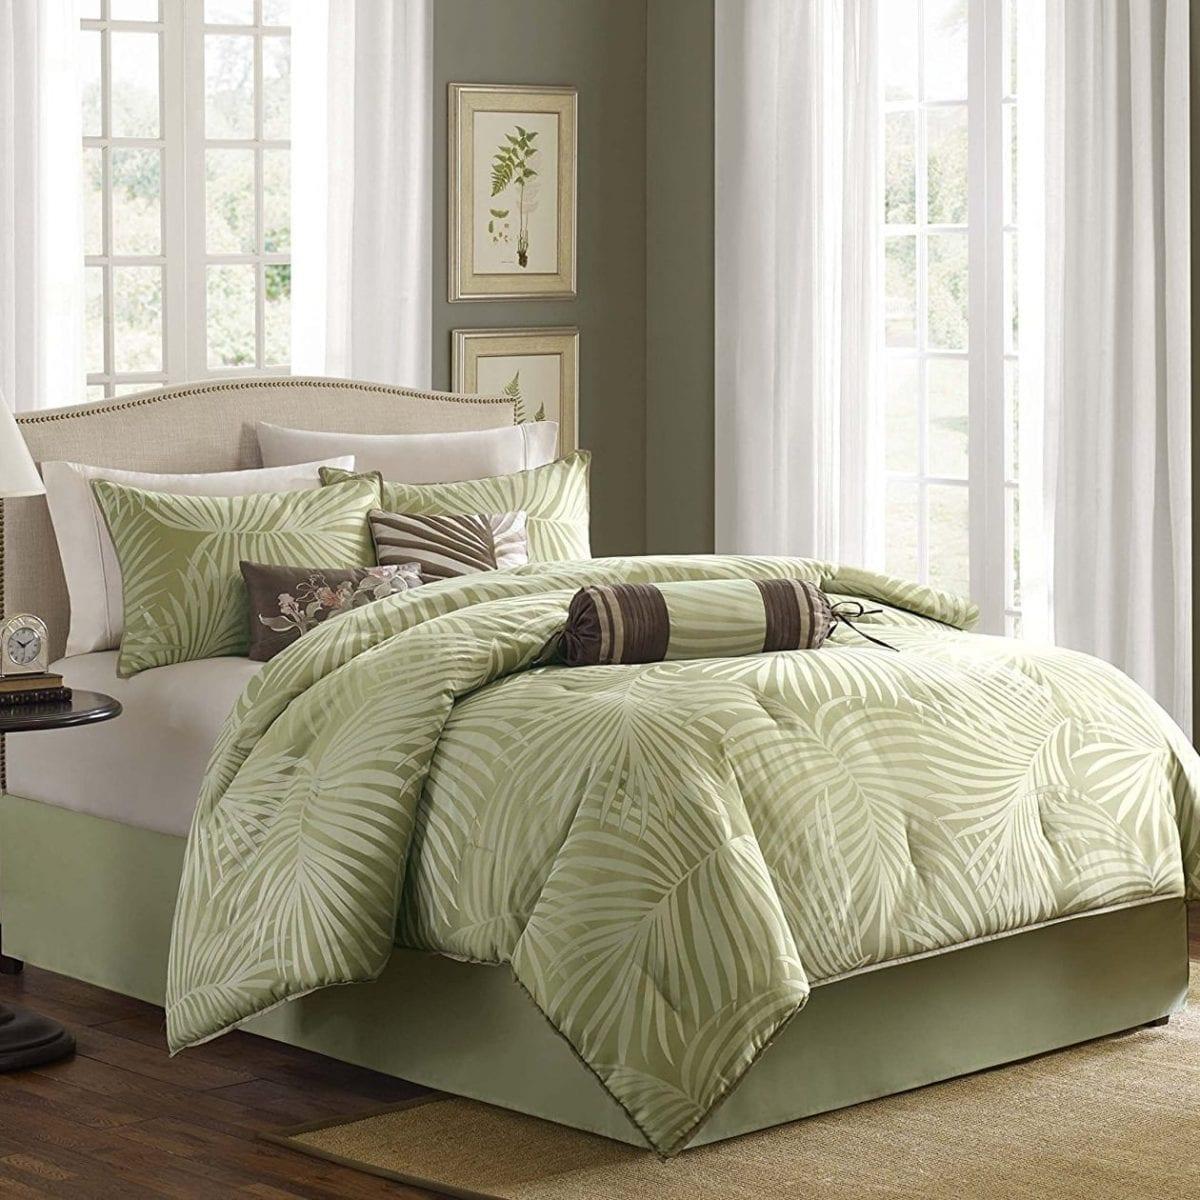 madison-park-freeport-comforter-set Best Tropical Bedding Sets